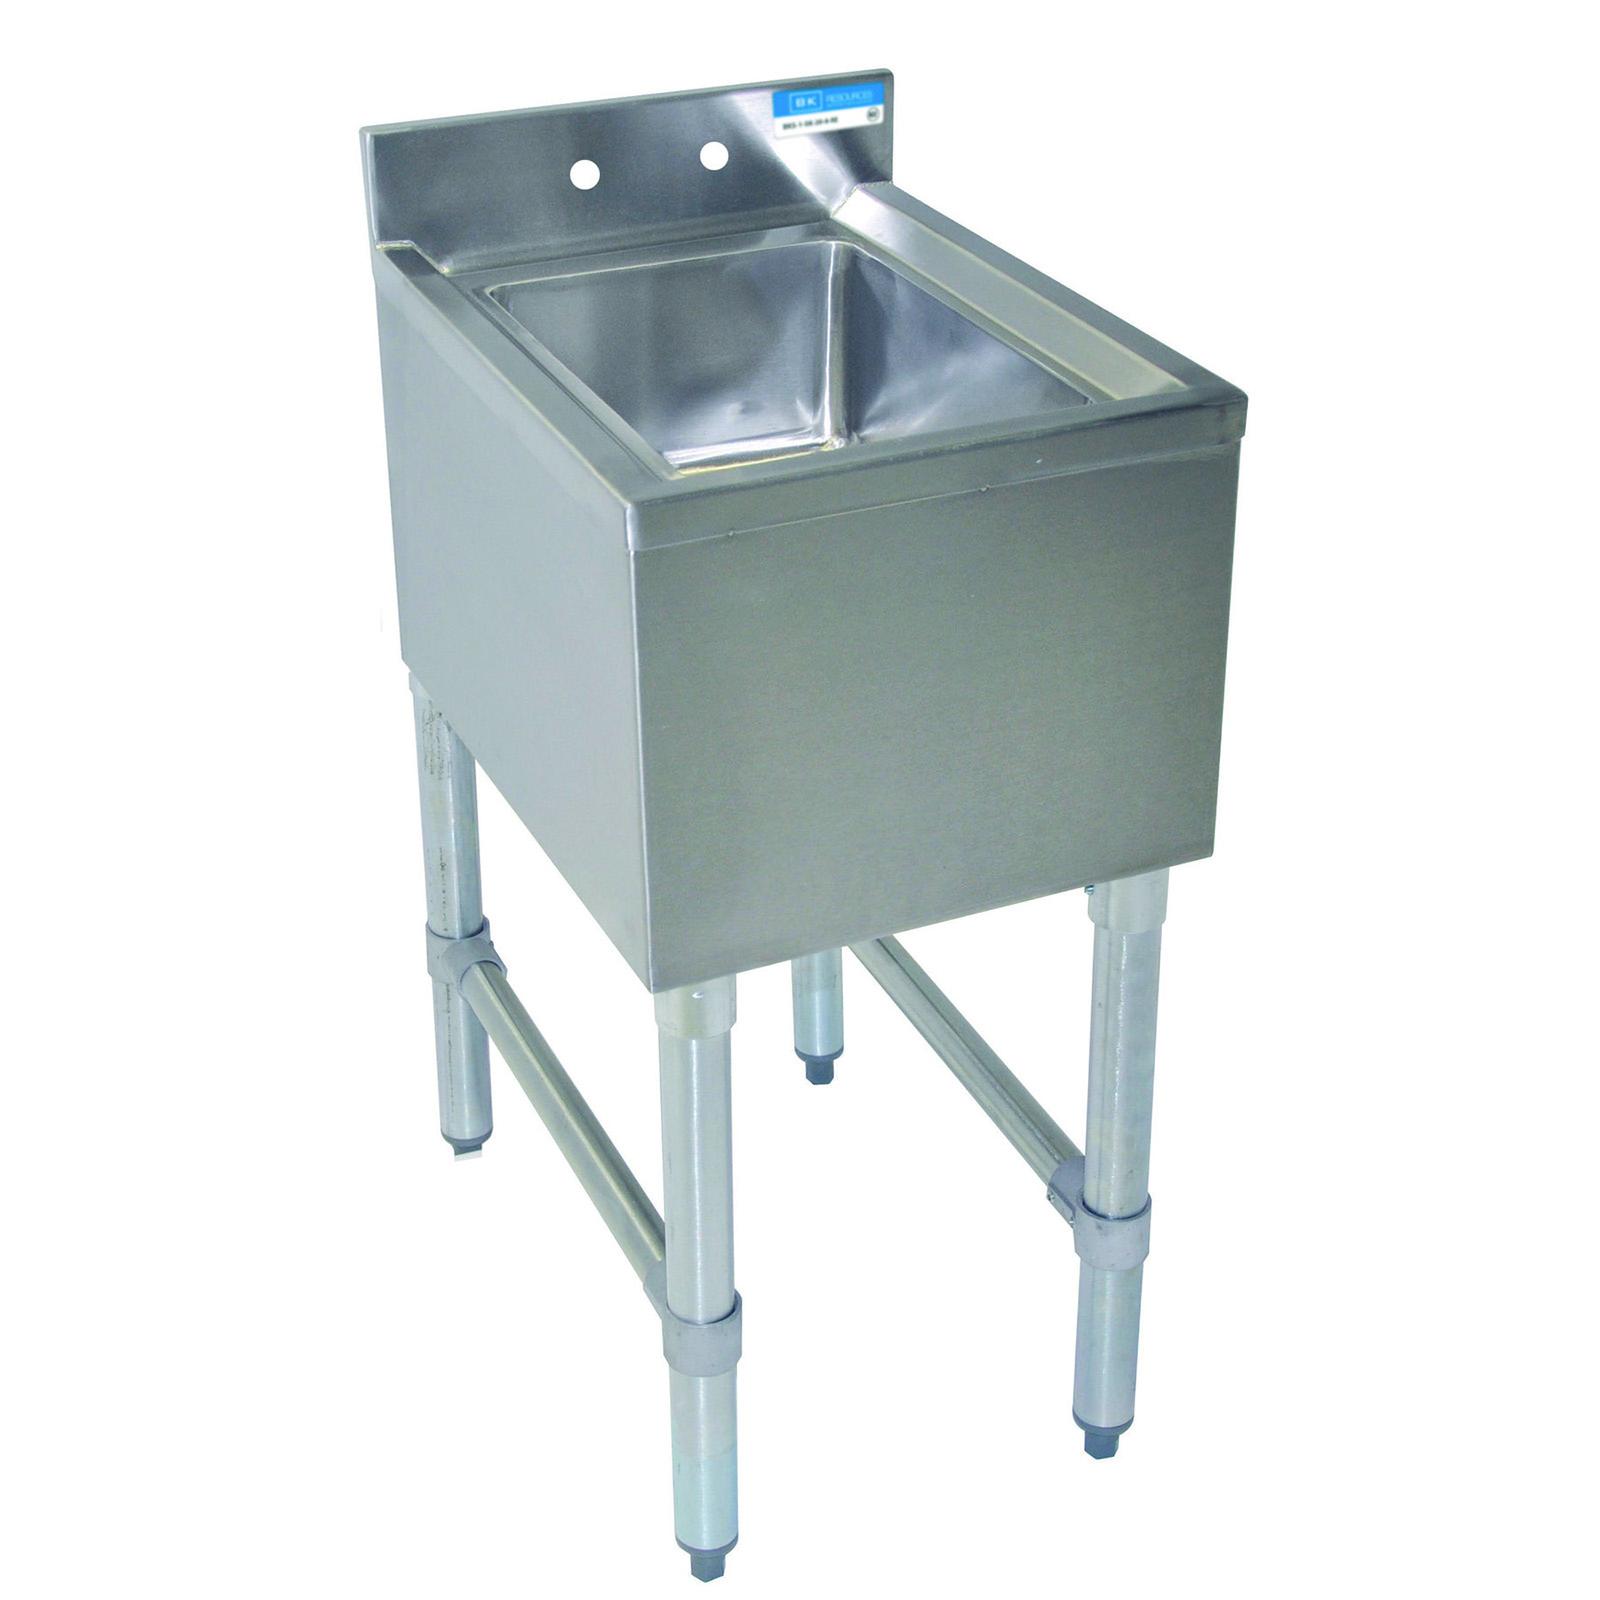 BK Resources BKUBS-1014HS-18S underbar sink units